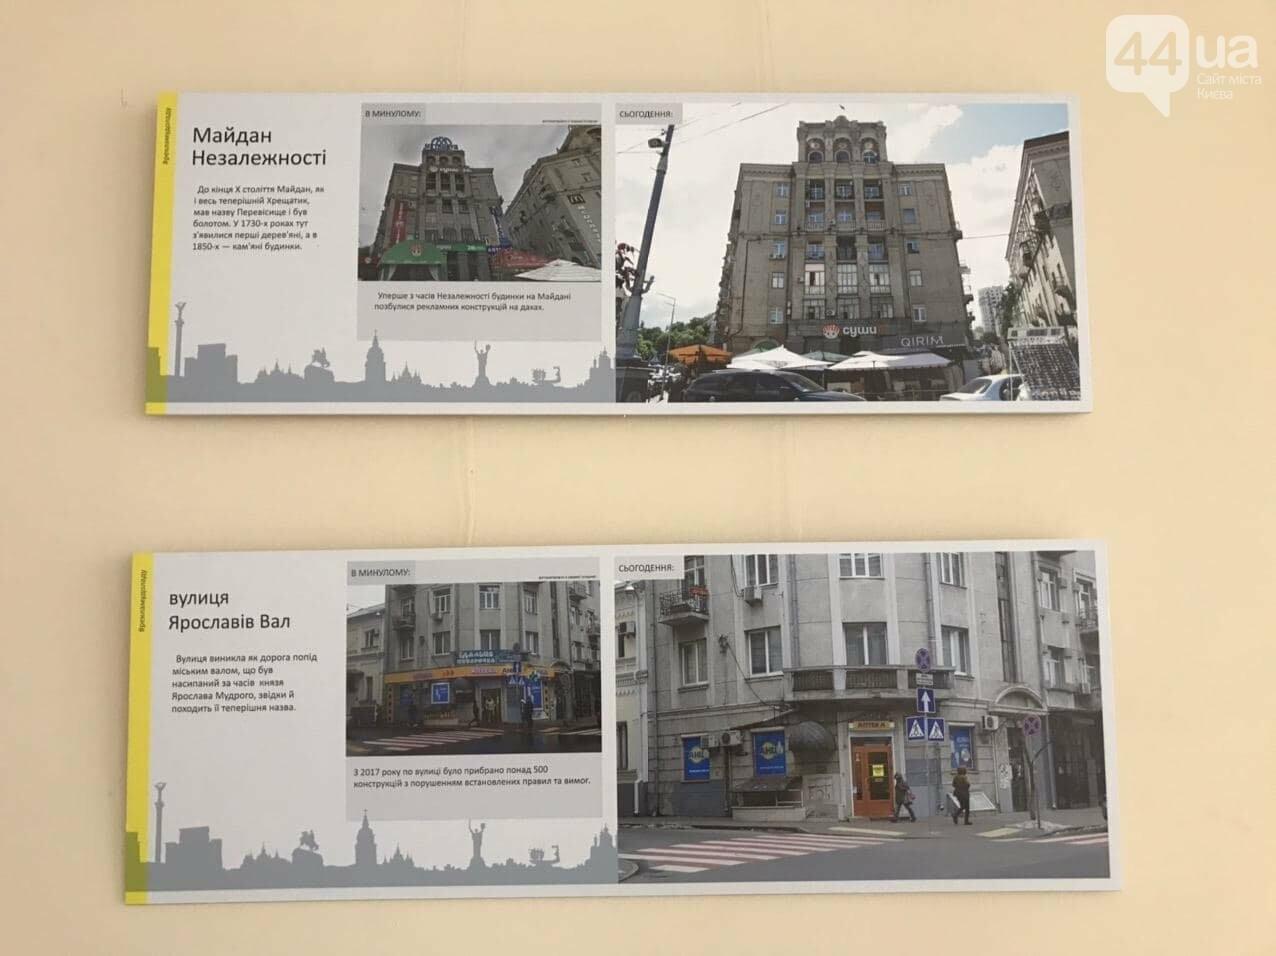 Киев в билбордах и вывесках: почему столица утопает в хаотичной рекламе и как этому помешать, фото-4